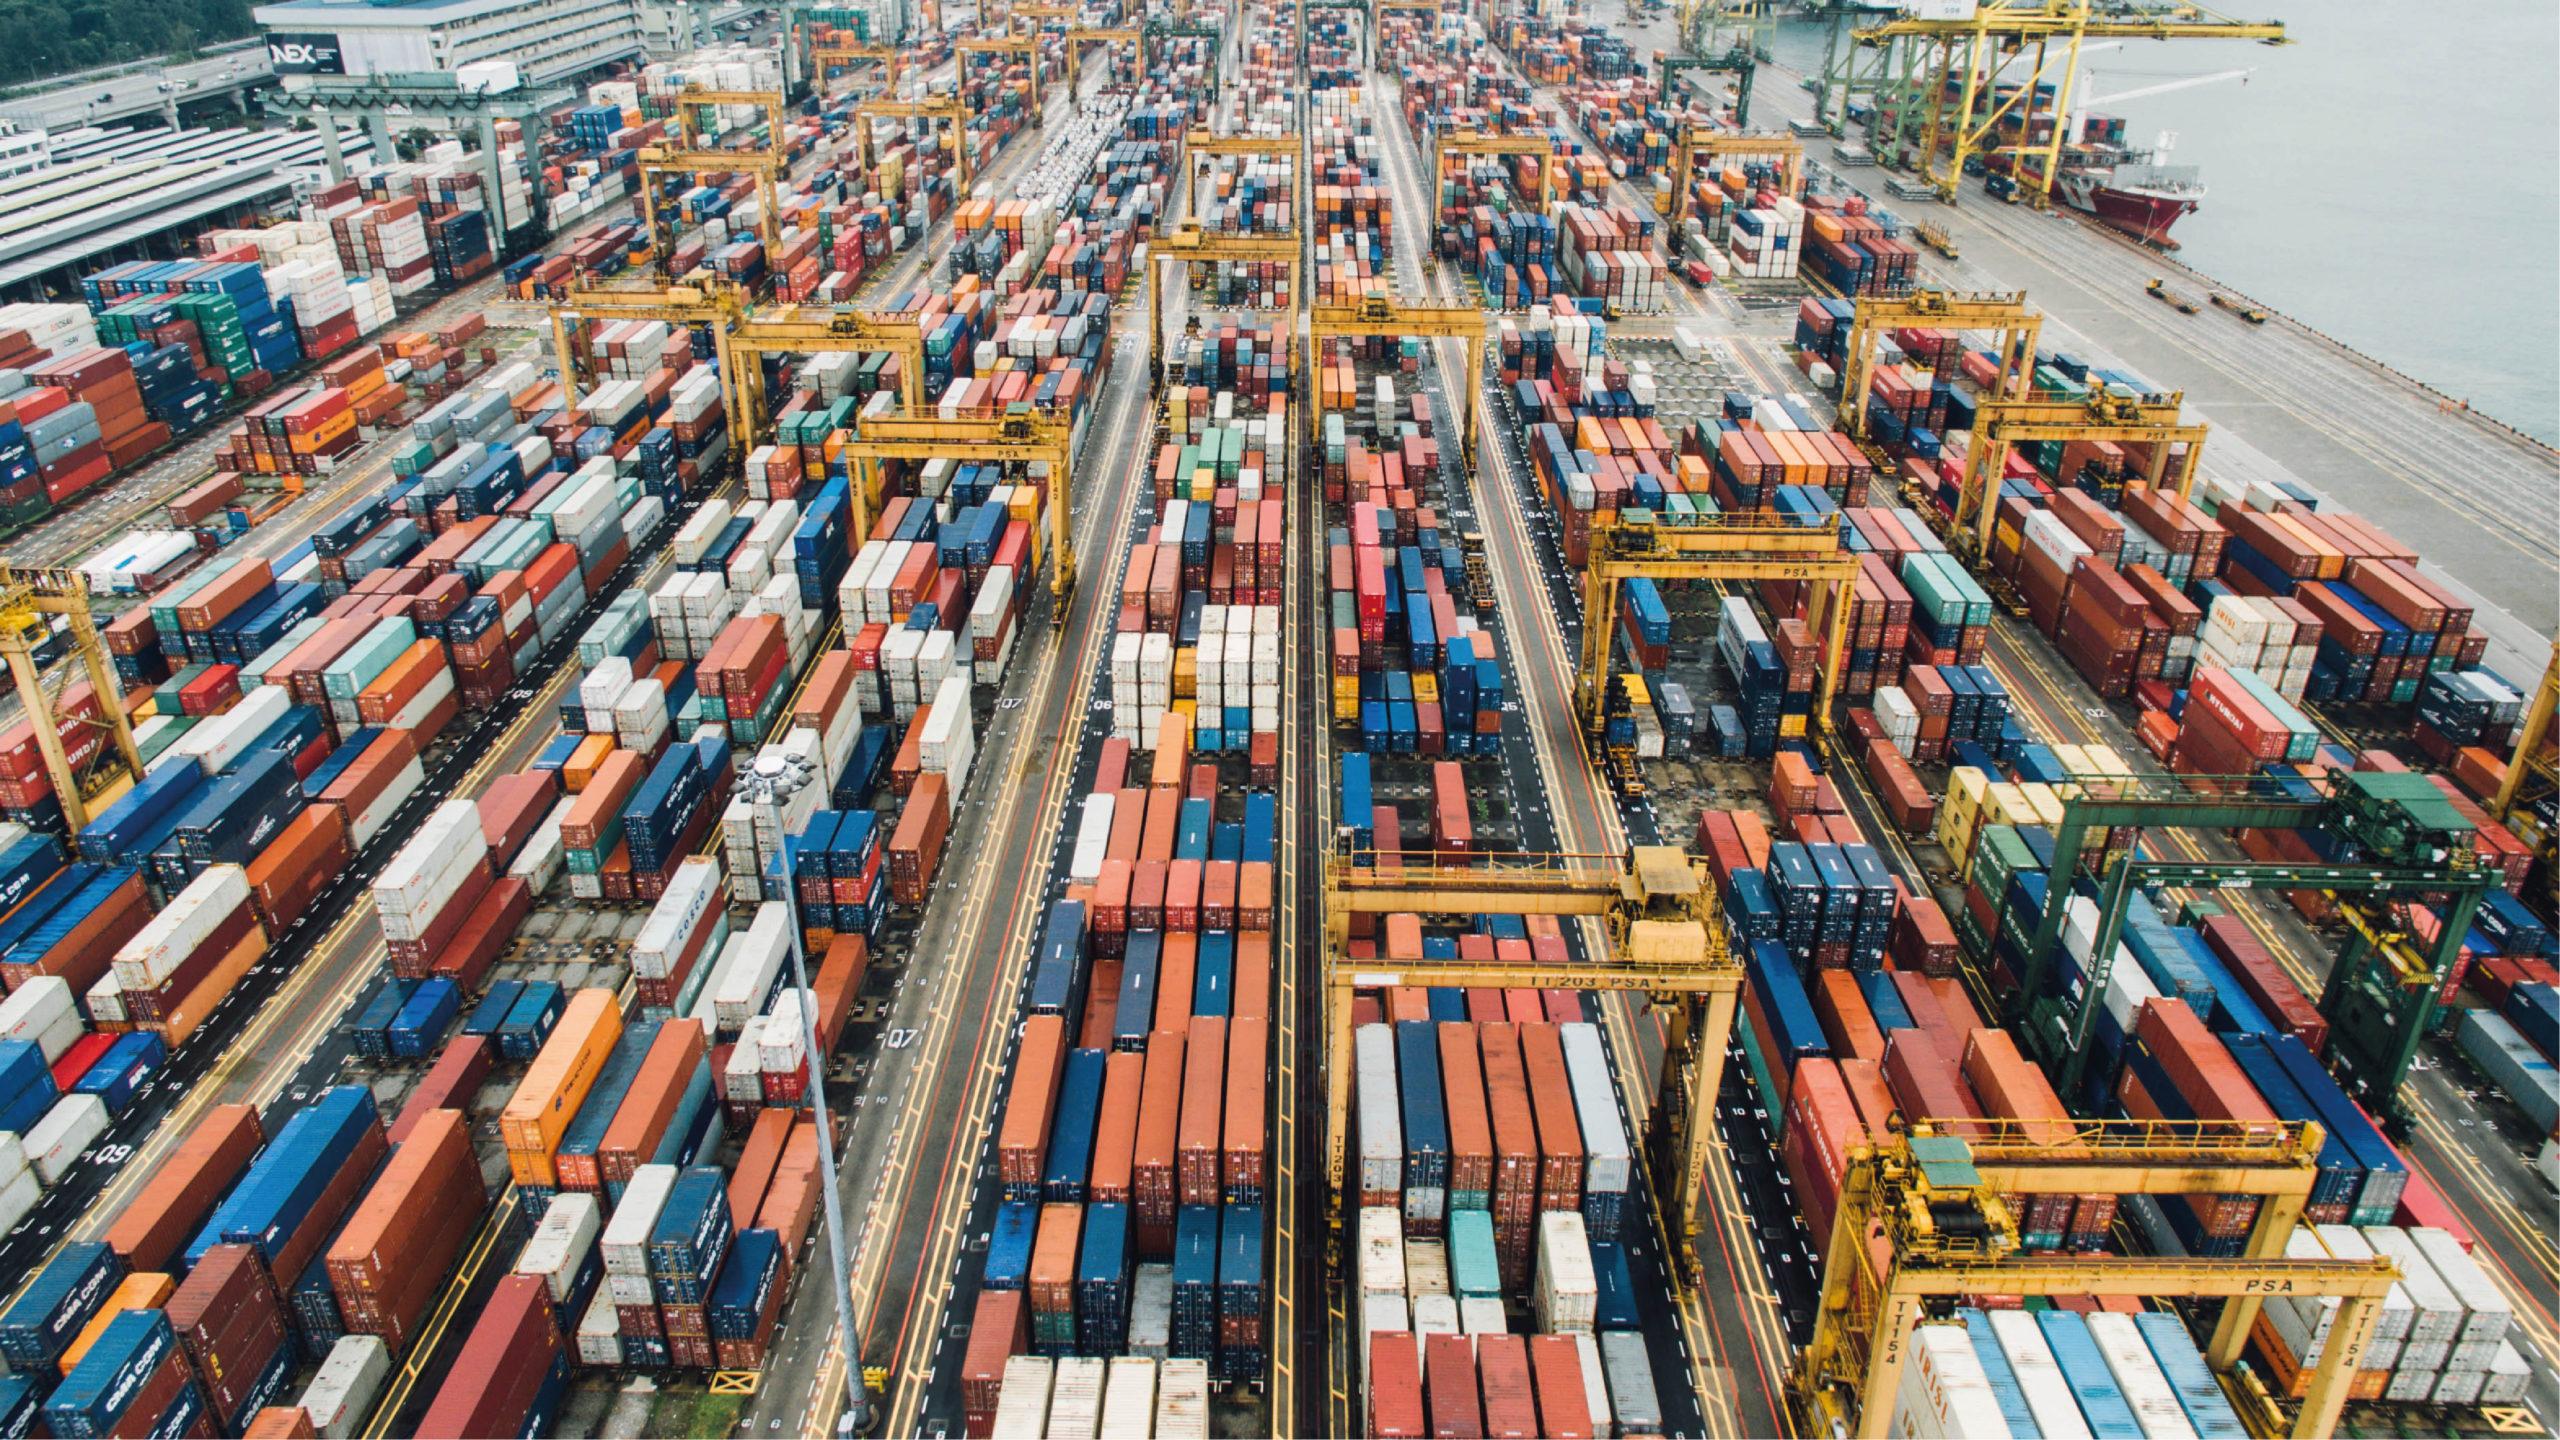 Problema de suministros en comercio global durará 'varios meses': OMC